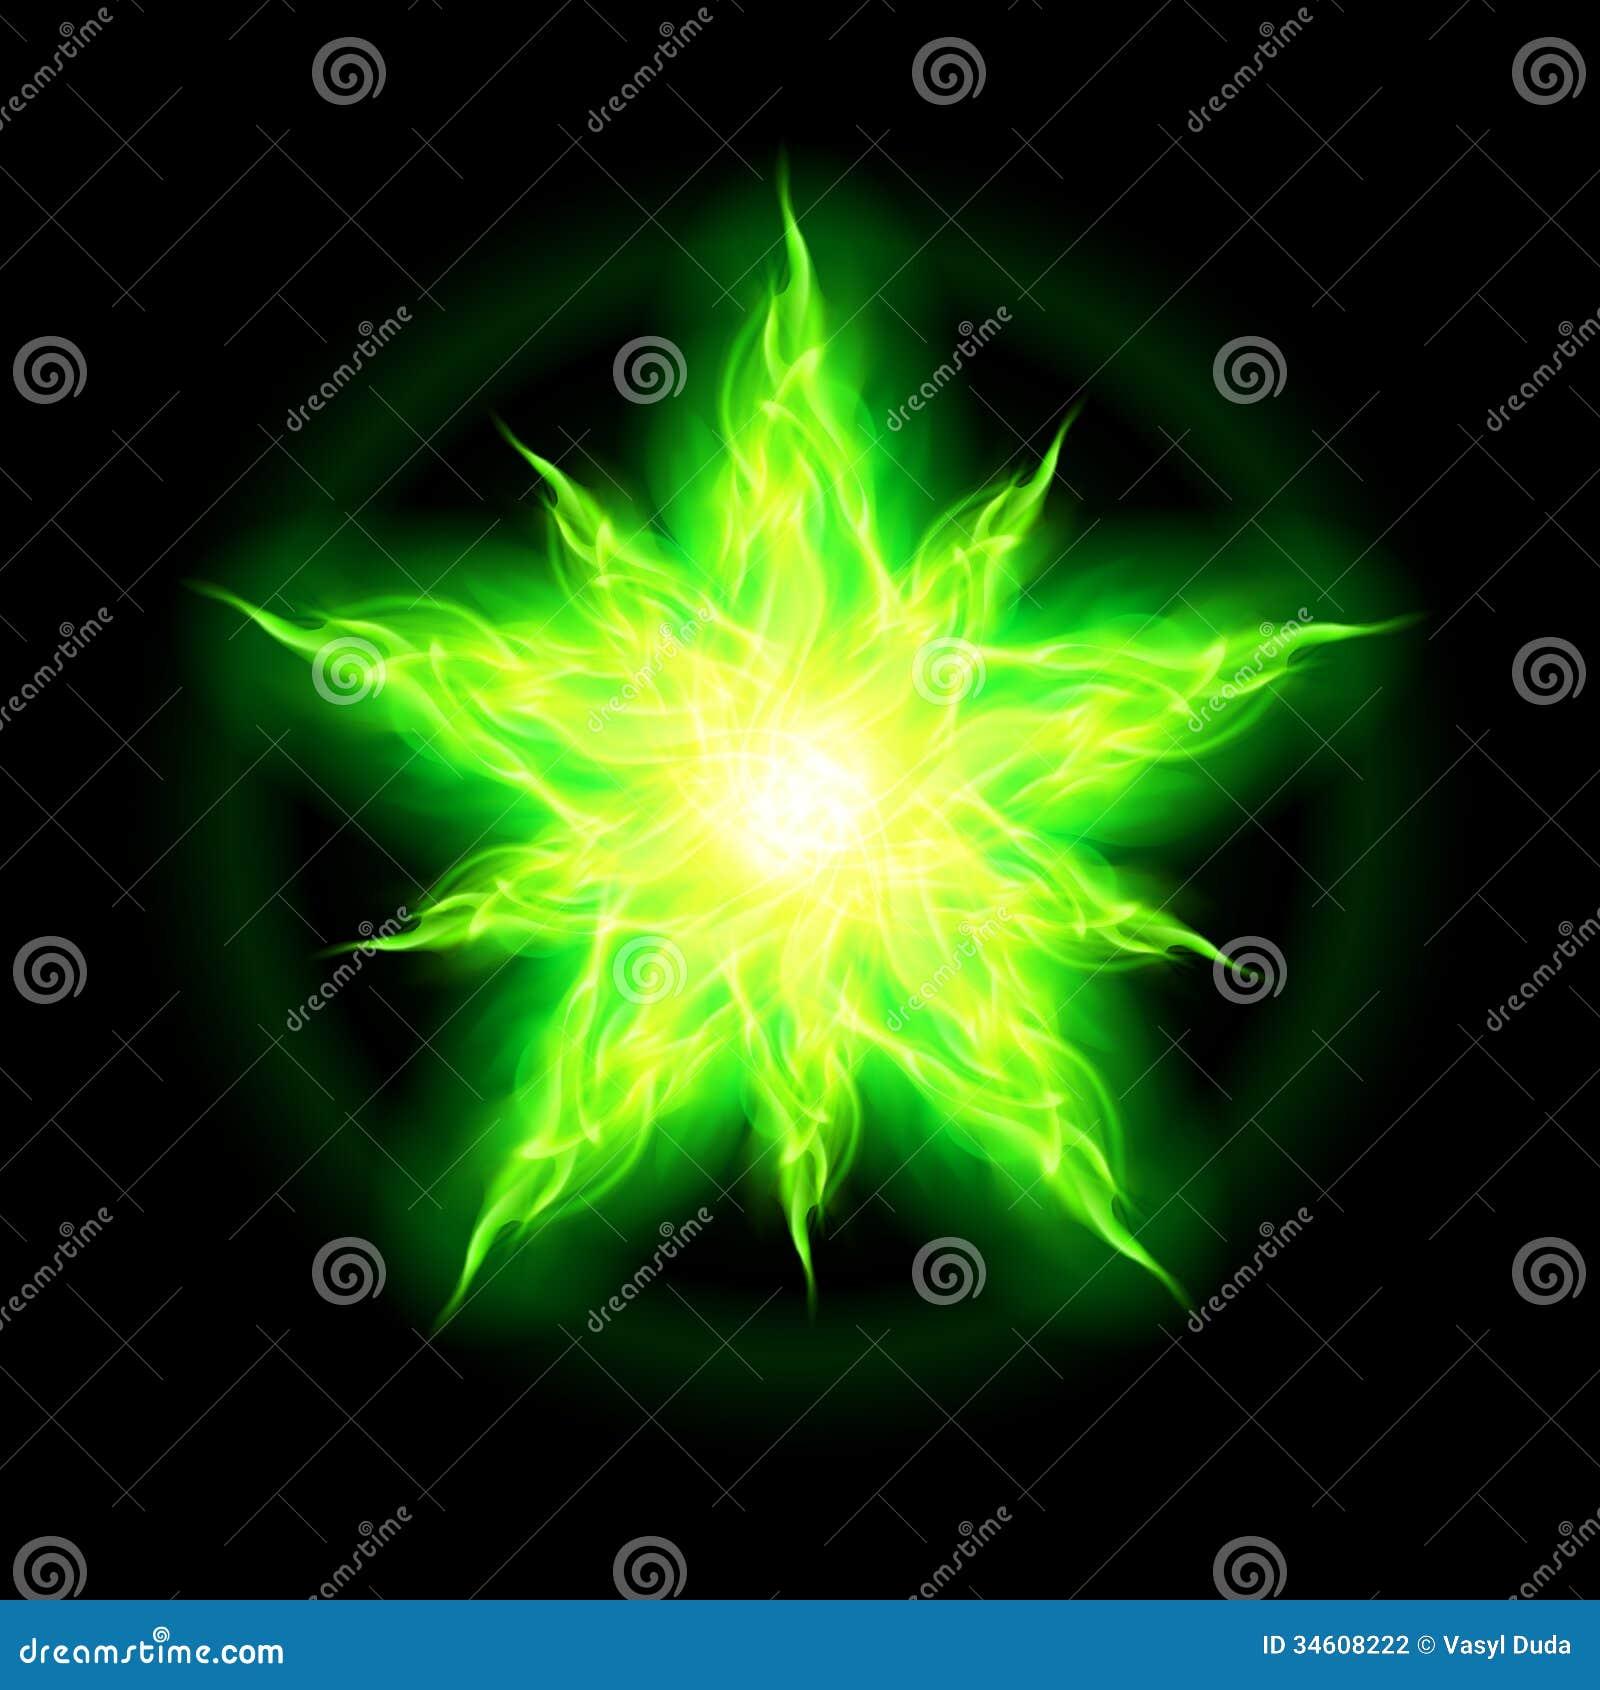 Green Fire Wallpaper Background Green fire star